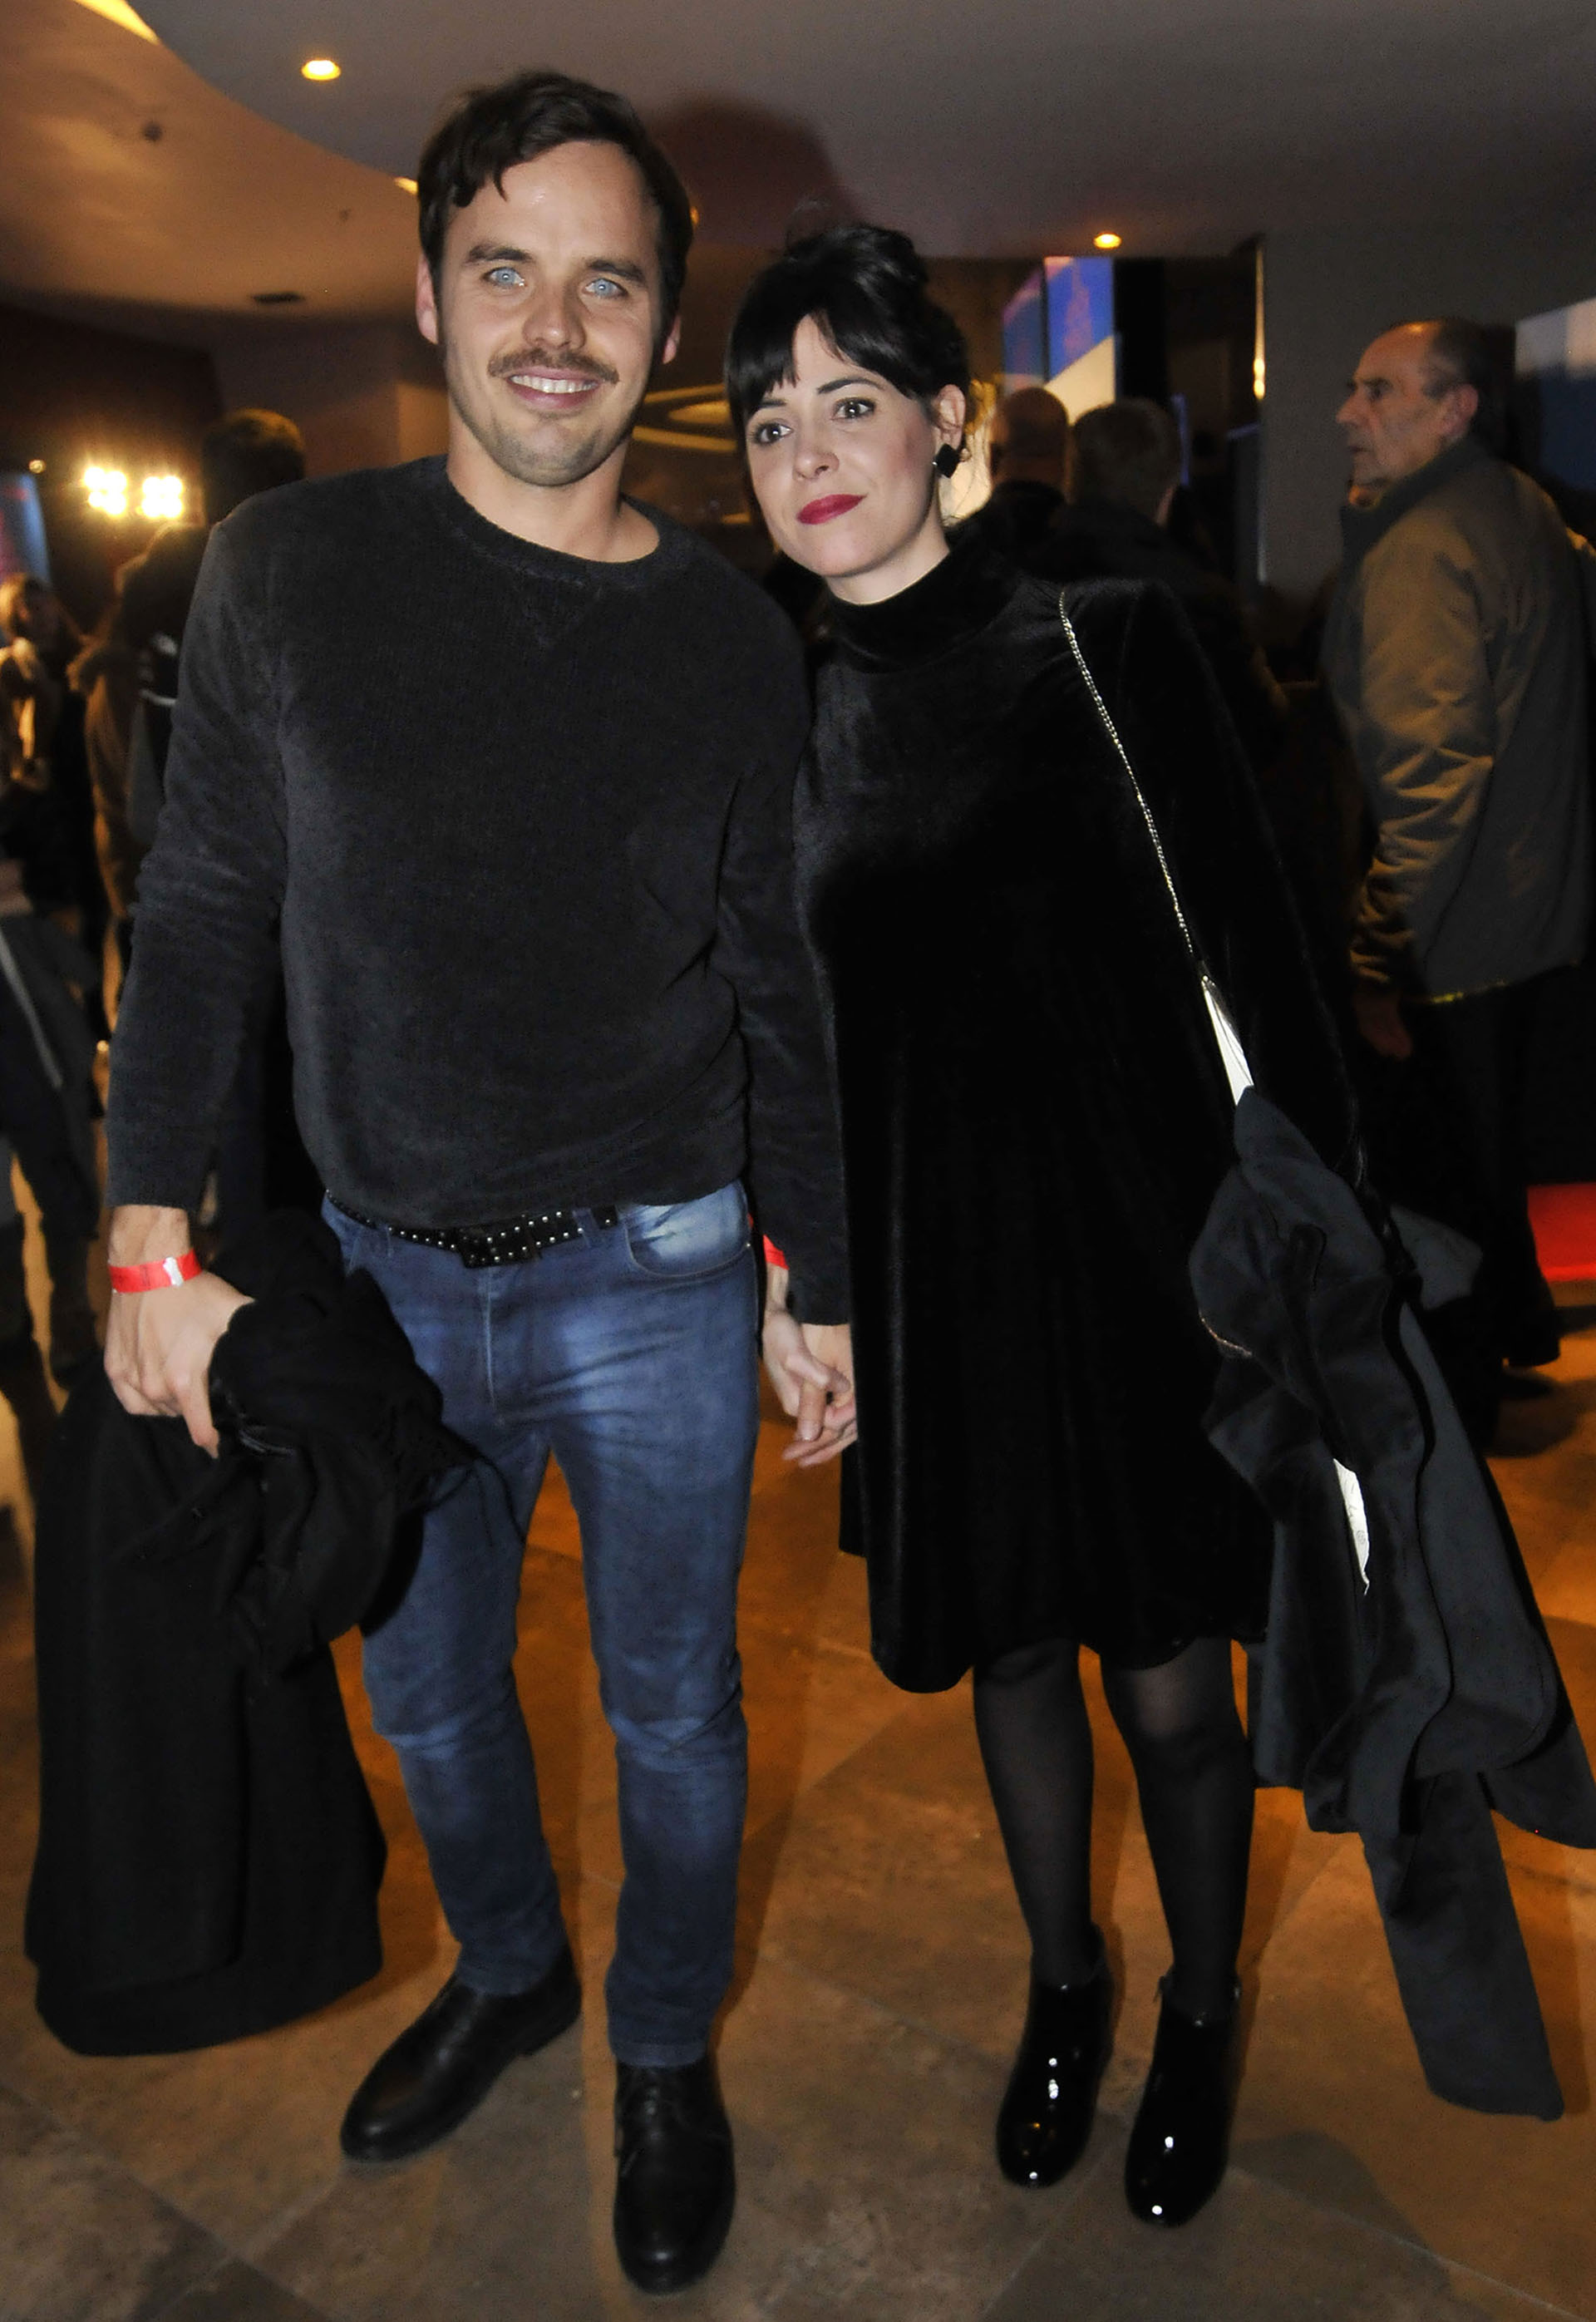 Benjamín Rojas y su parejaMartina Sánchez Acosta, que está embarazada